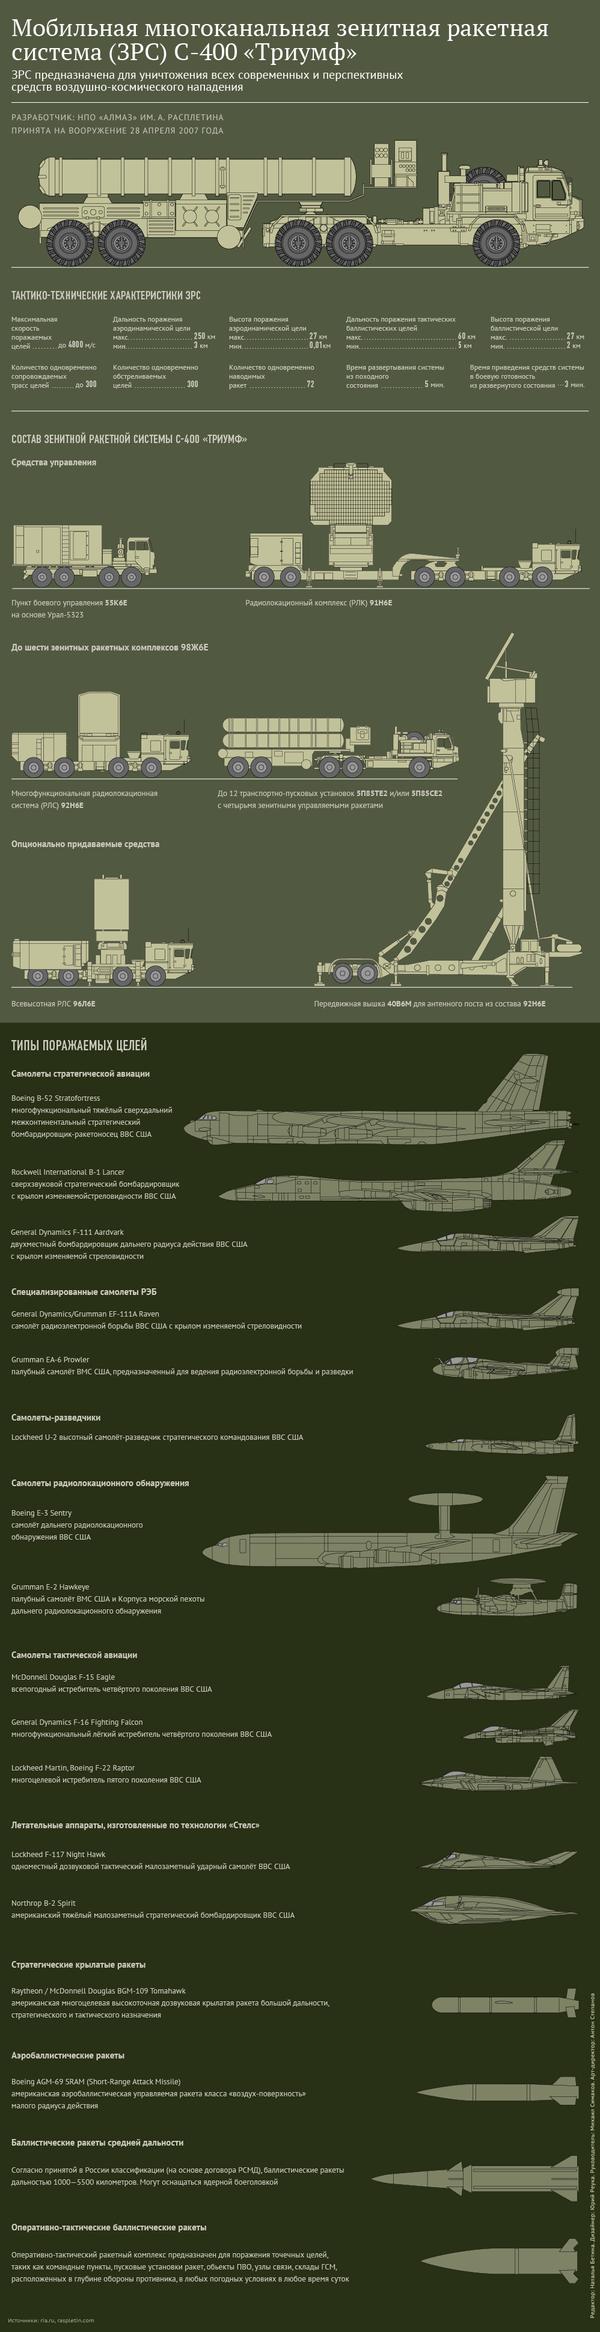 Многоканальная зенитная ракетная система С-400 Триумф - Sputnik Беларусь